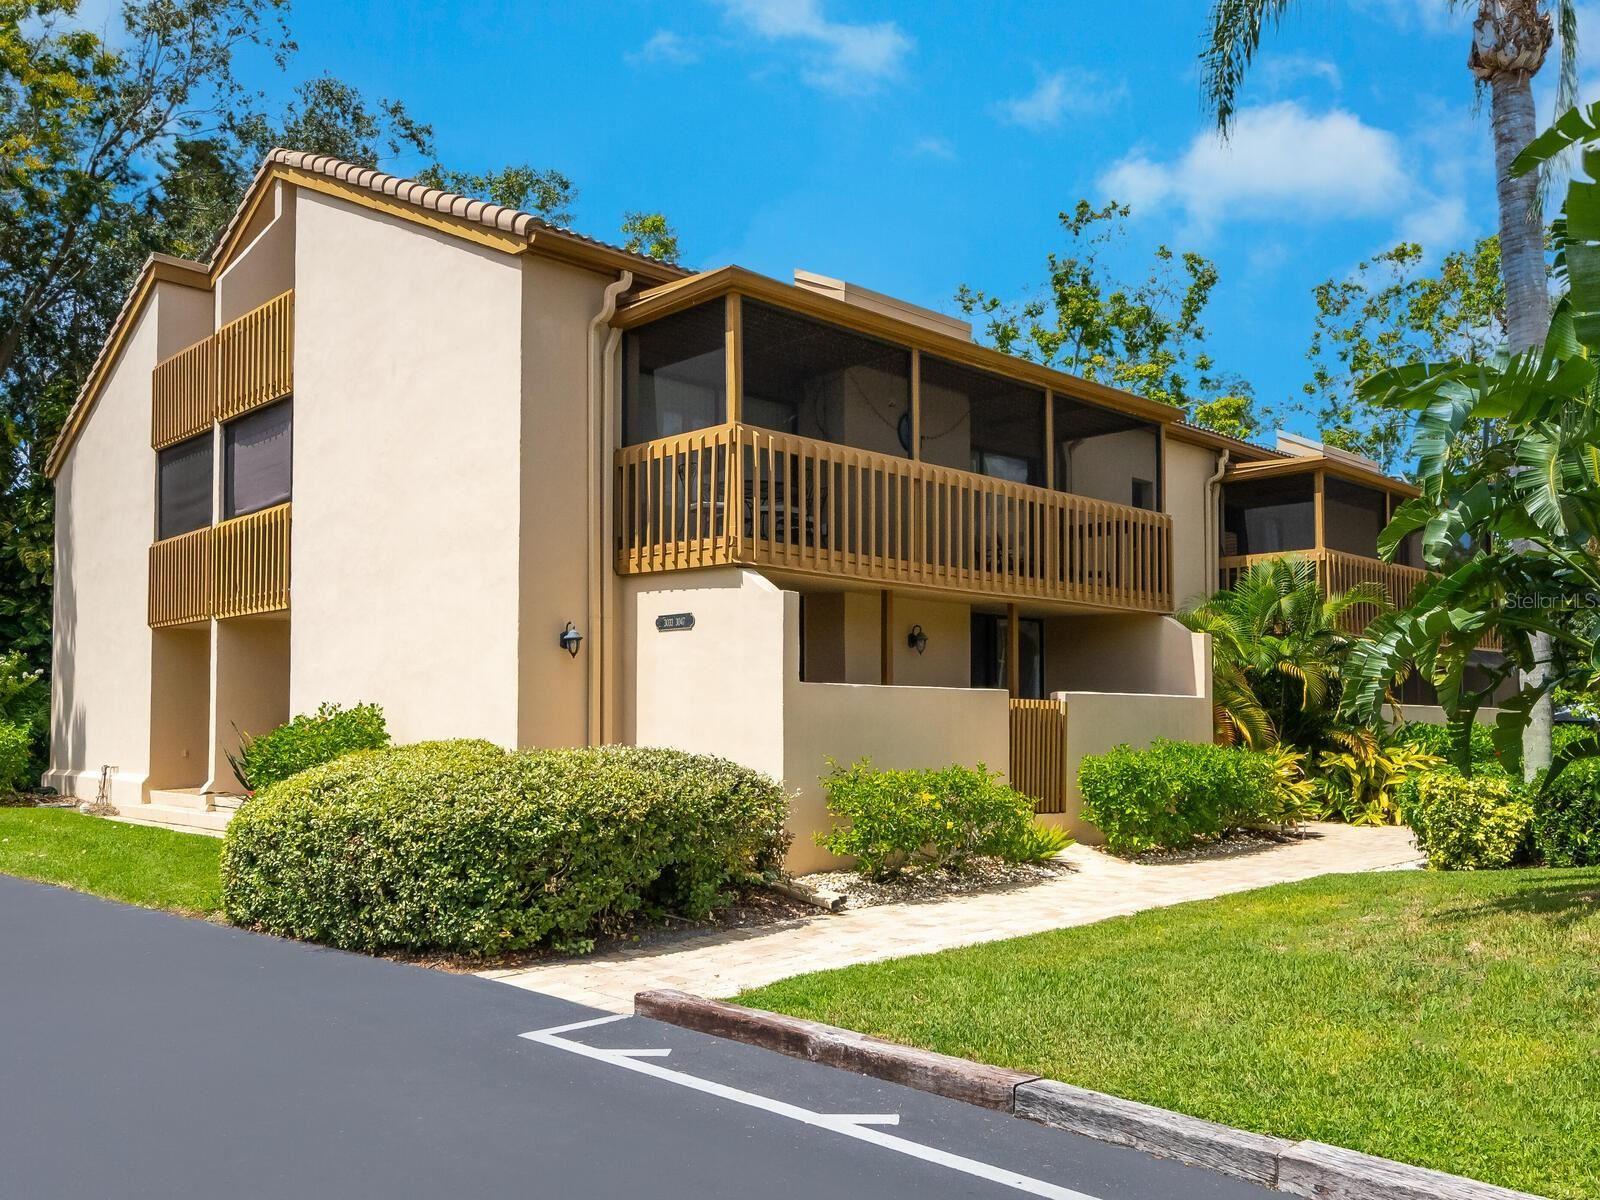 3037 WILLOW GREEN #12, Sarasota, FL 34235 - #: A4507876